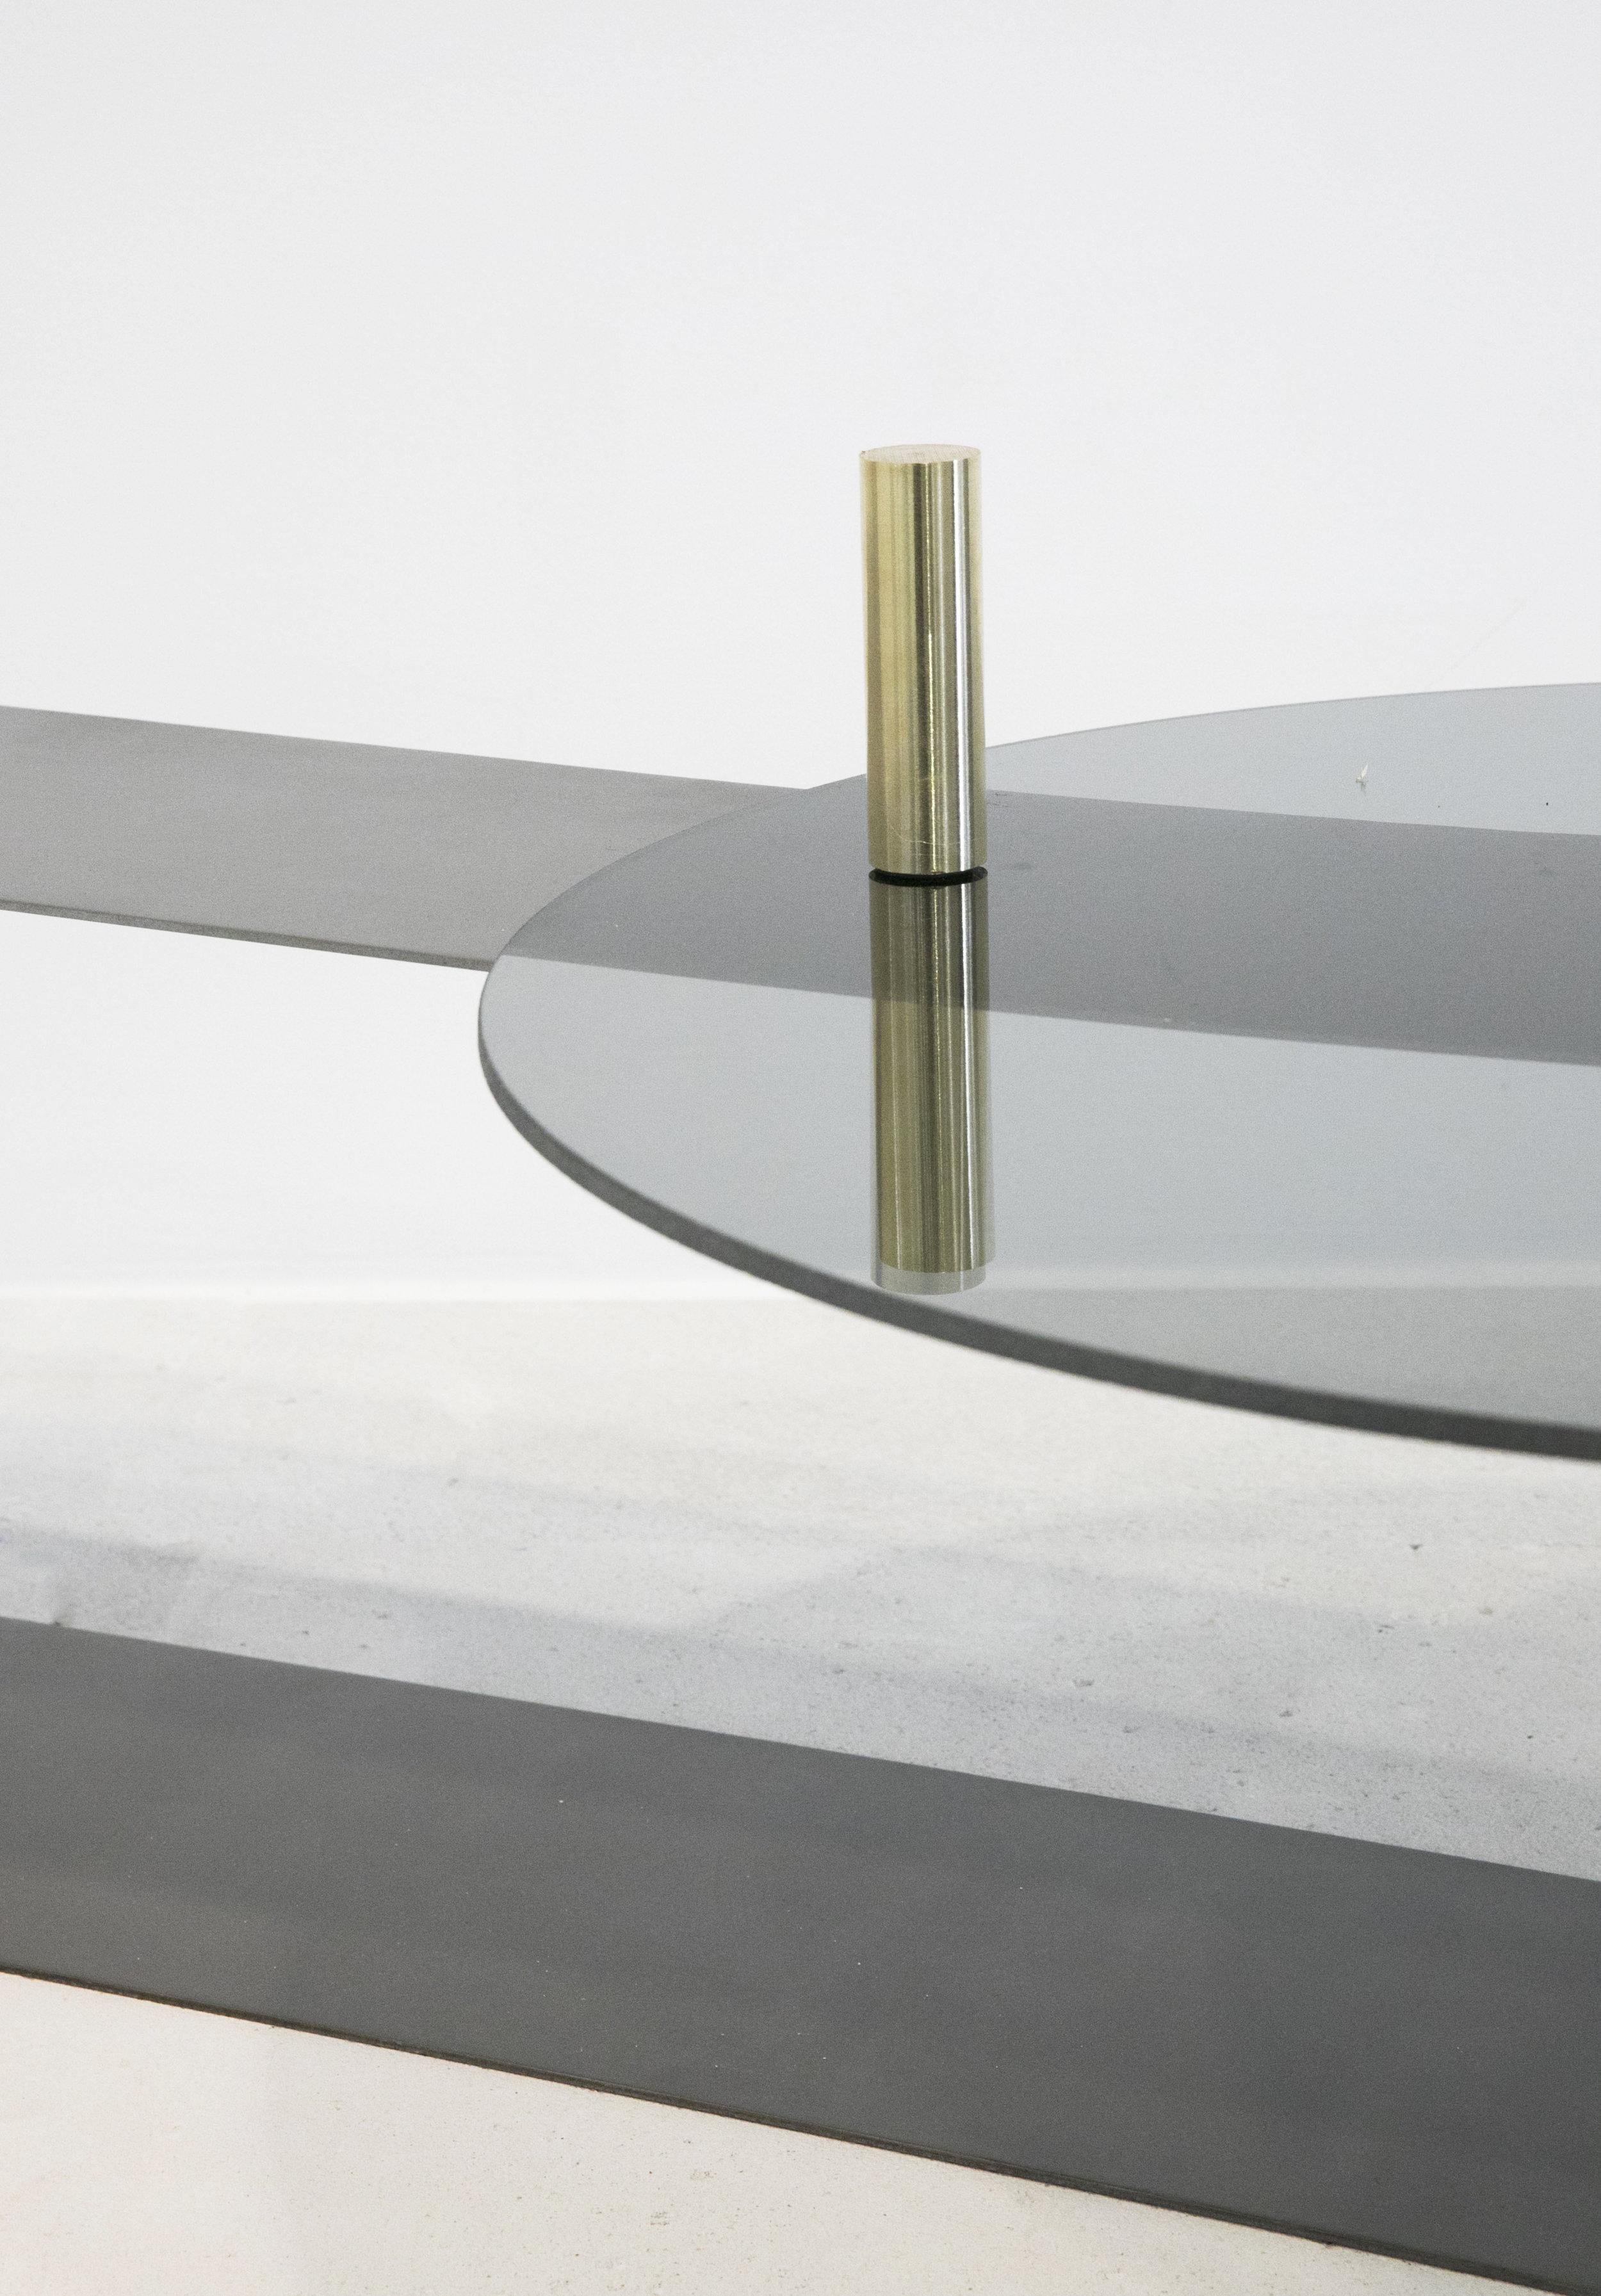 Table verre laiton 1.3.jpg